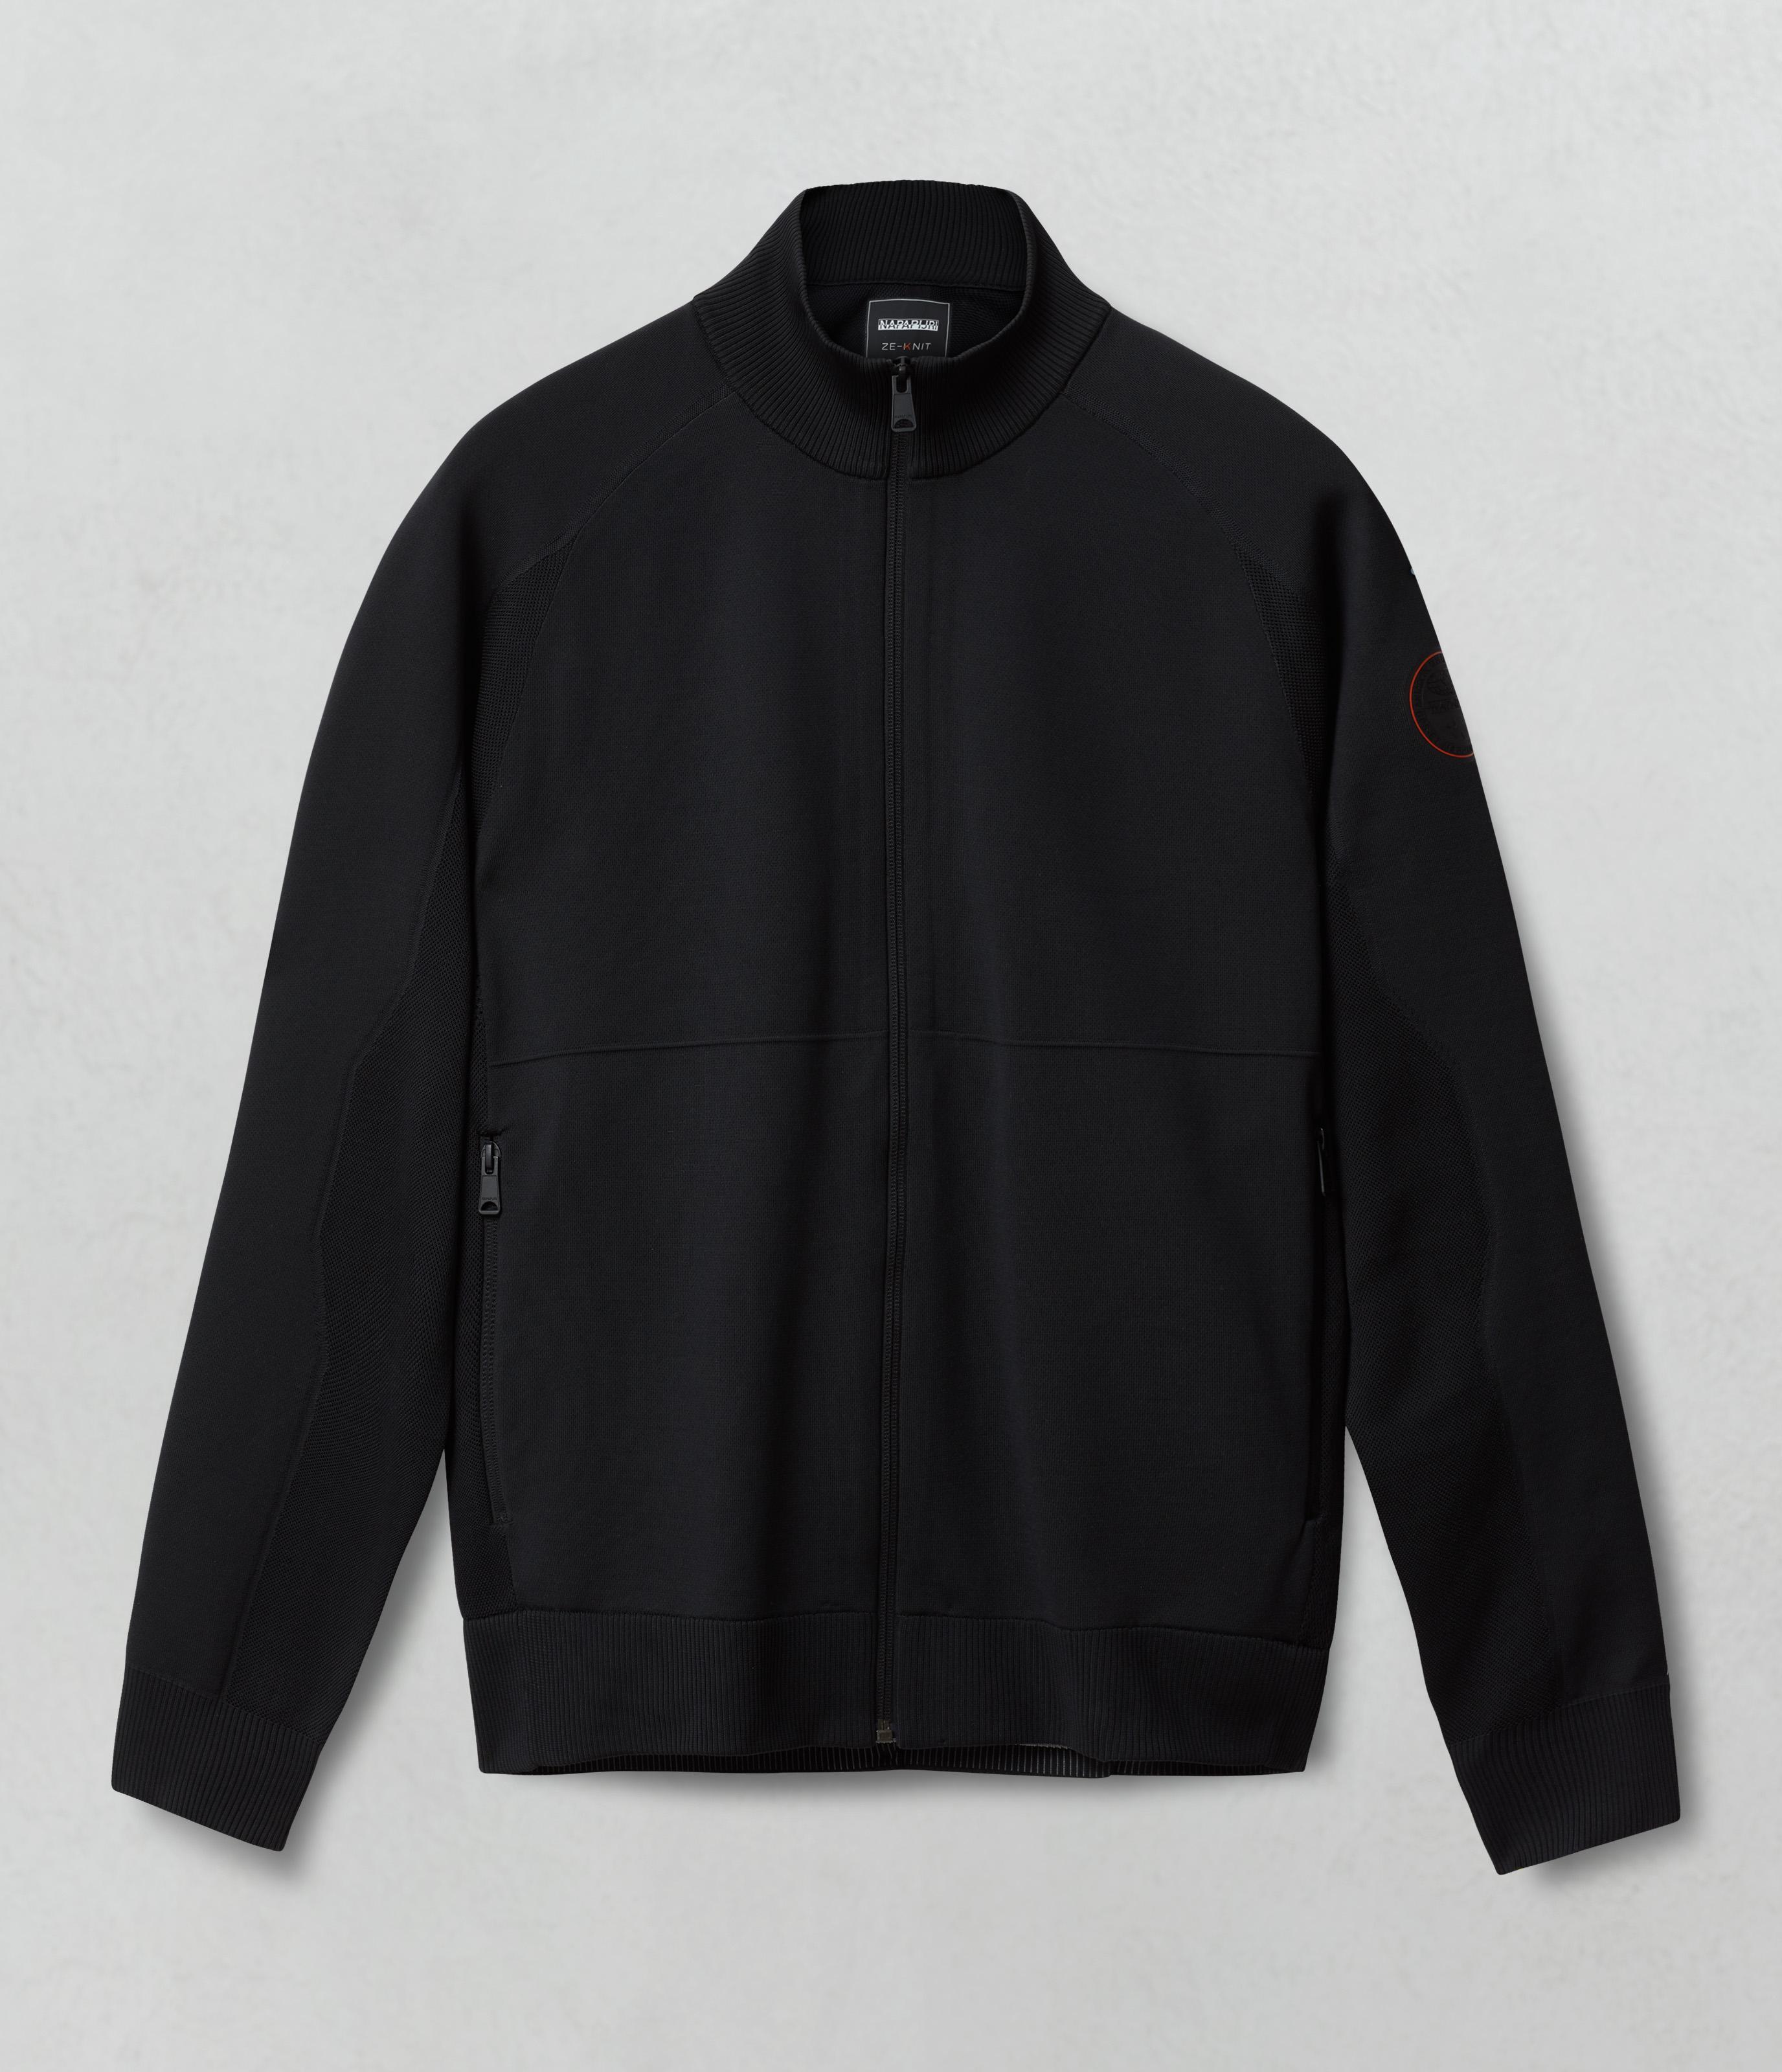 ZE-K120 BLACK 041, Large